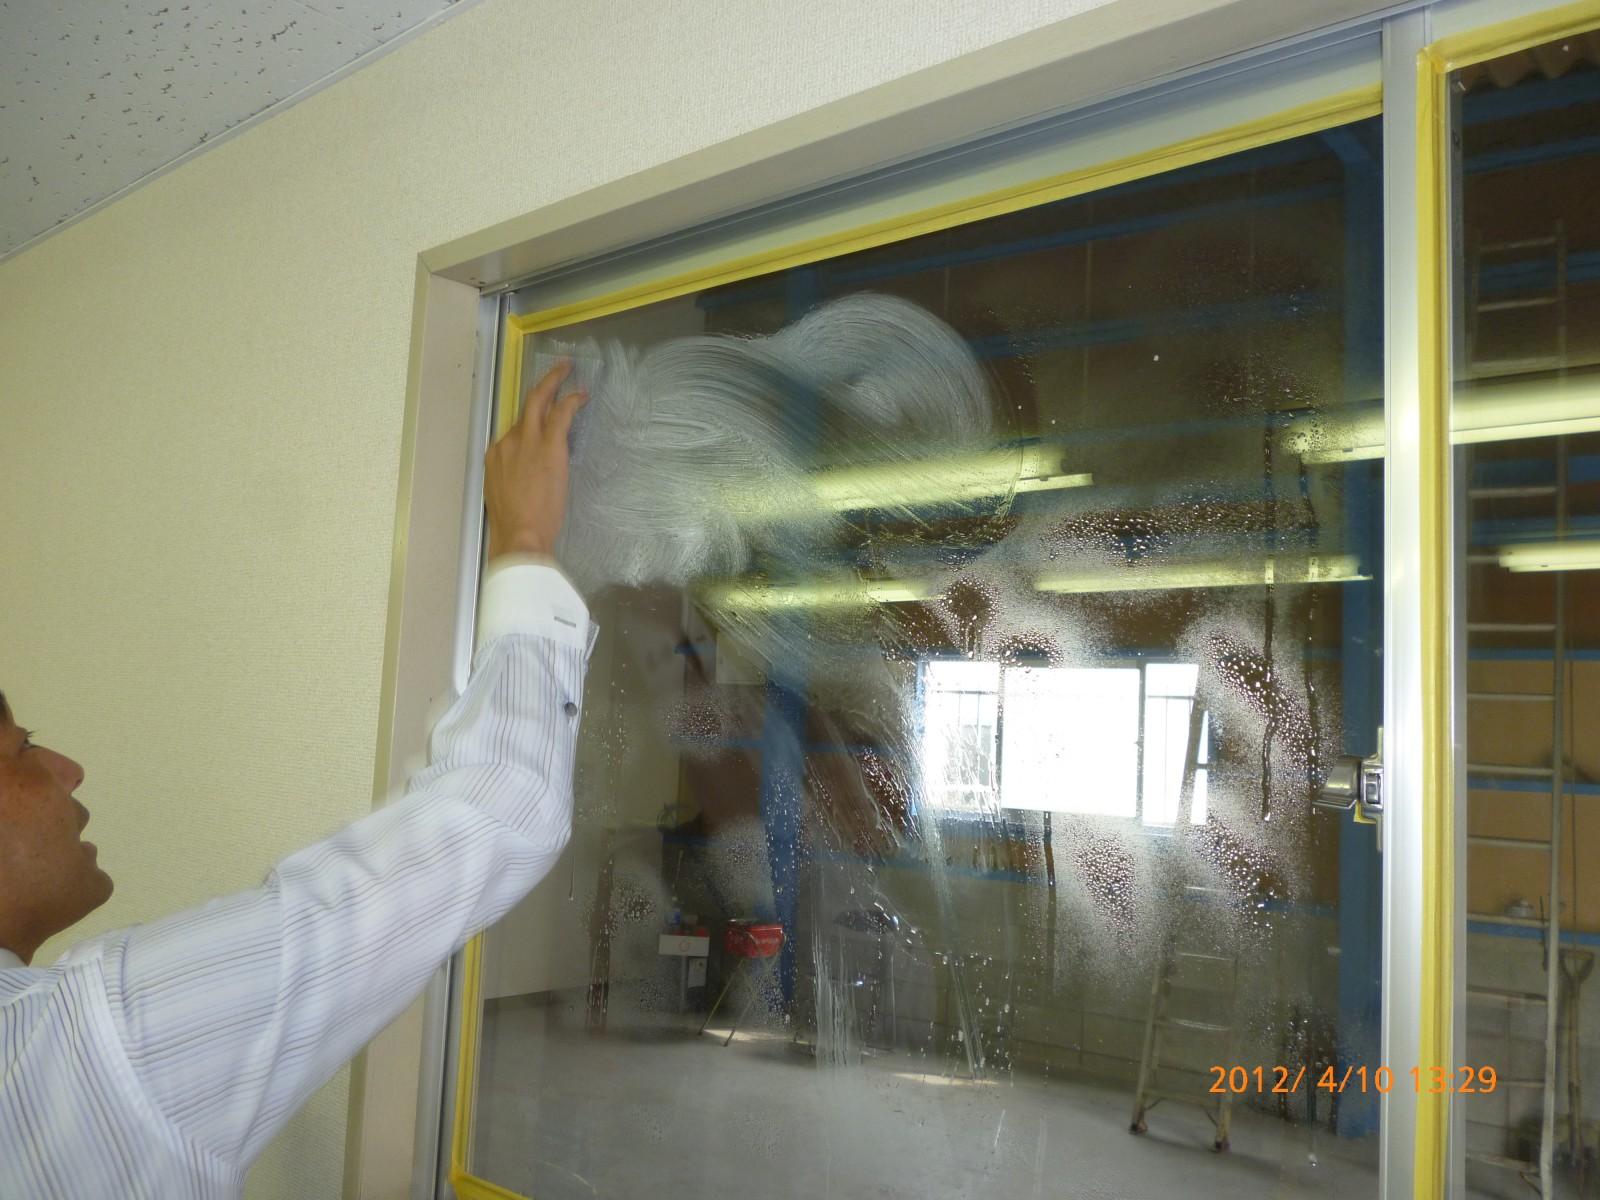 ガラスの表面のゴミやカビそして油分を綺麗に清掃します。